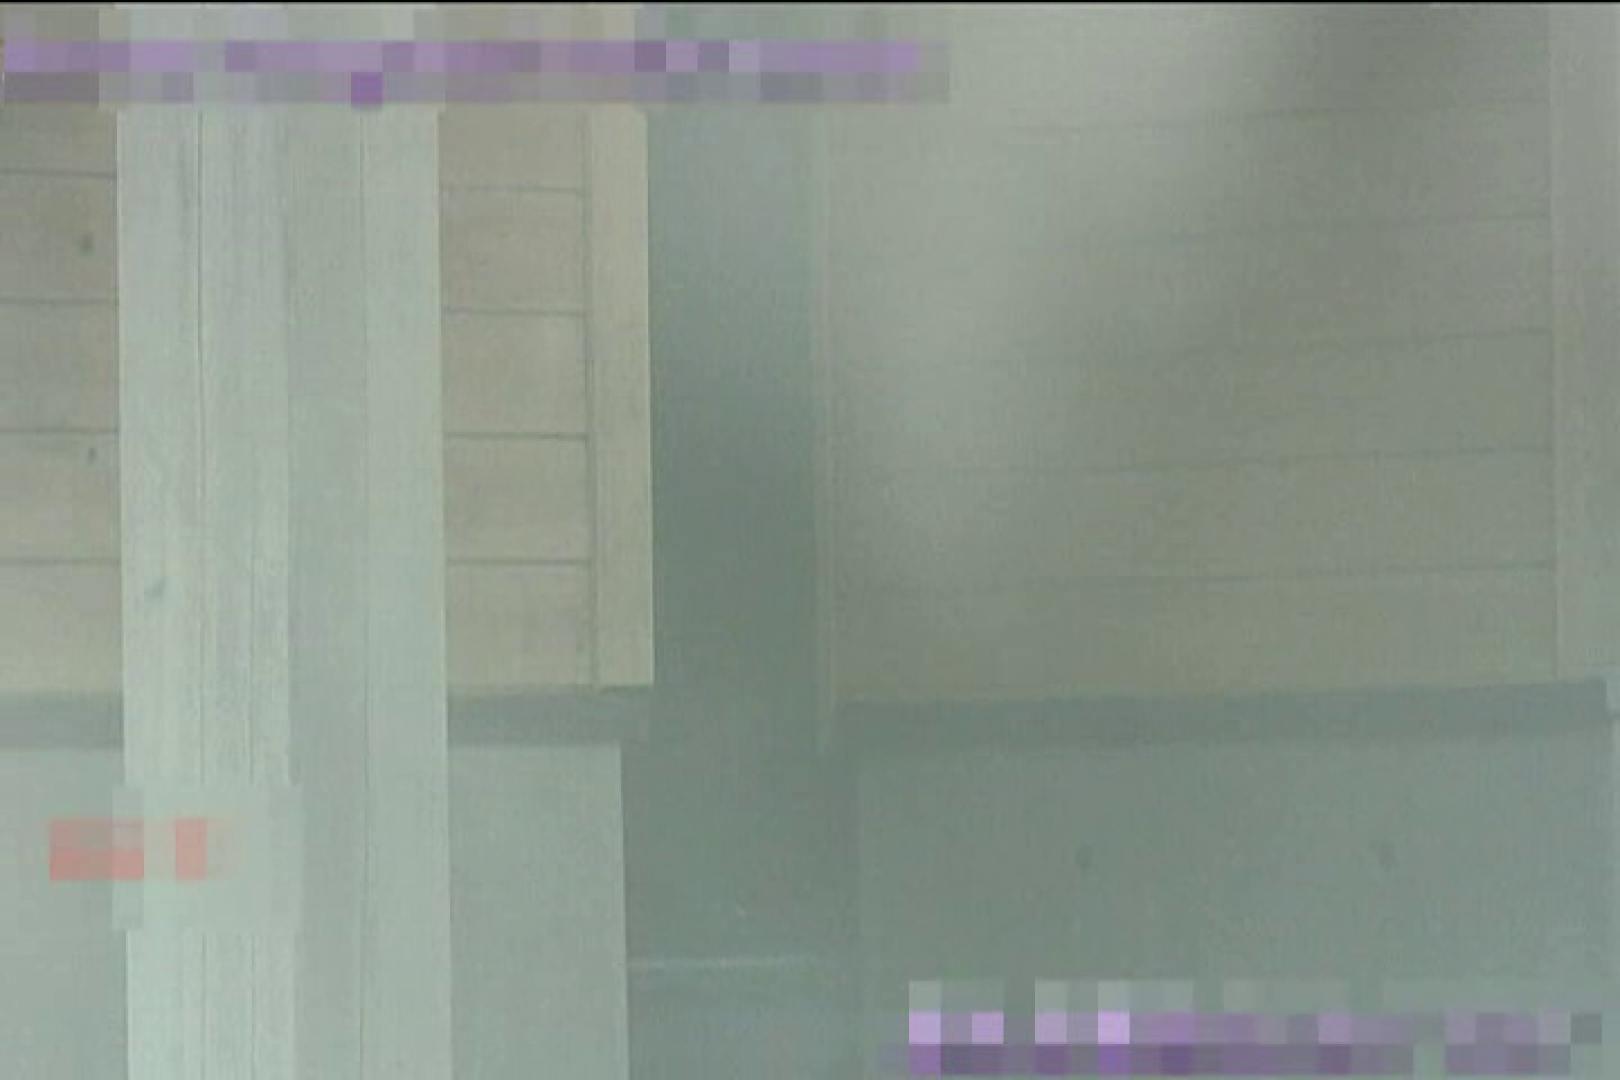 2点盗撮洗面所潜入レポートVol.1 ギャルの実態 覗き性交動画流出 61pic 60